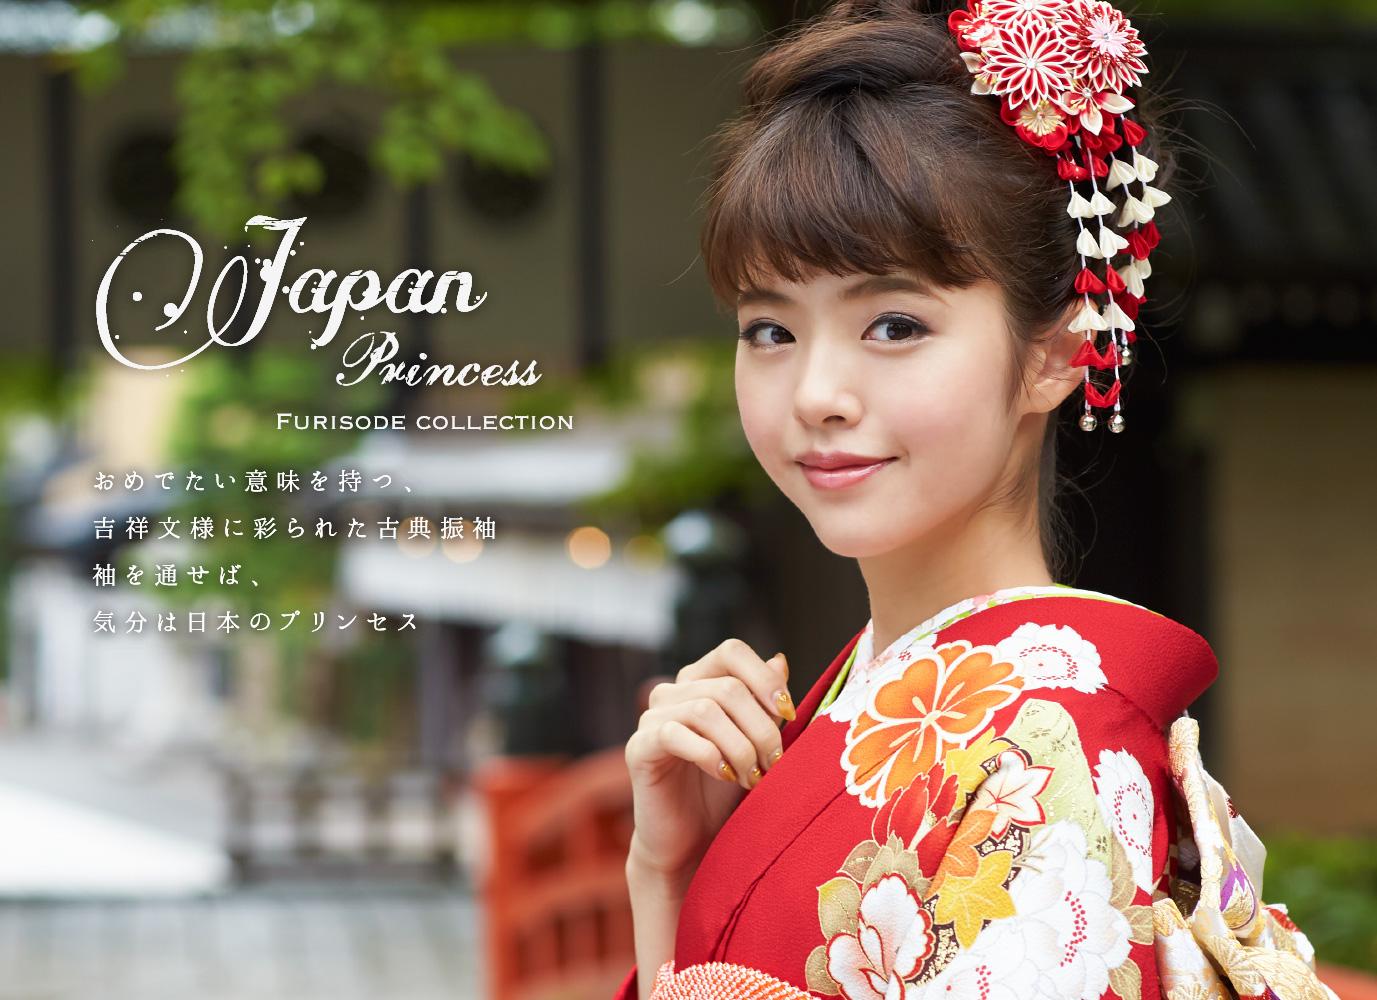 ジャパンプリンセス おめでたい意味を持つ、吉祥文様に彩られた古典振袖袖を通せば、気分は日本のプリンセス